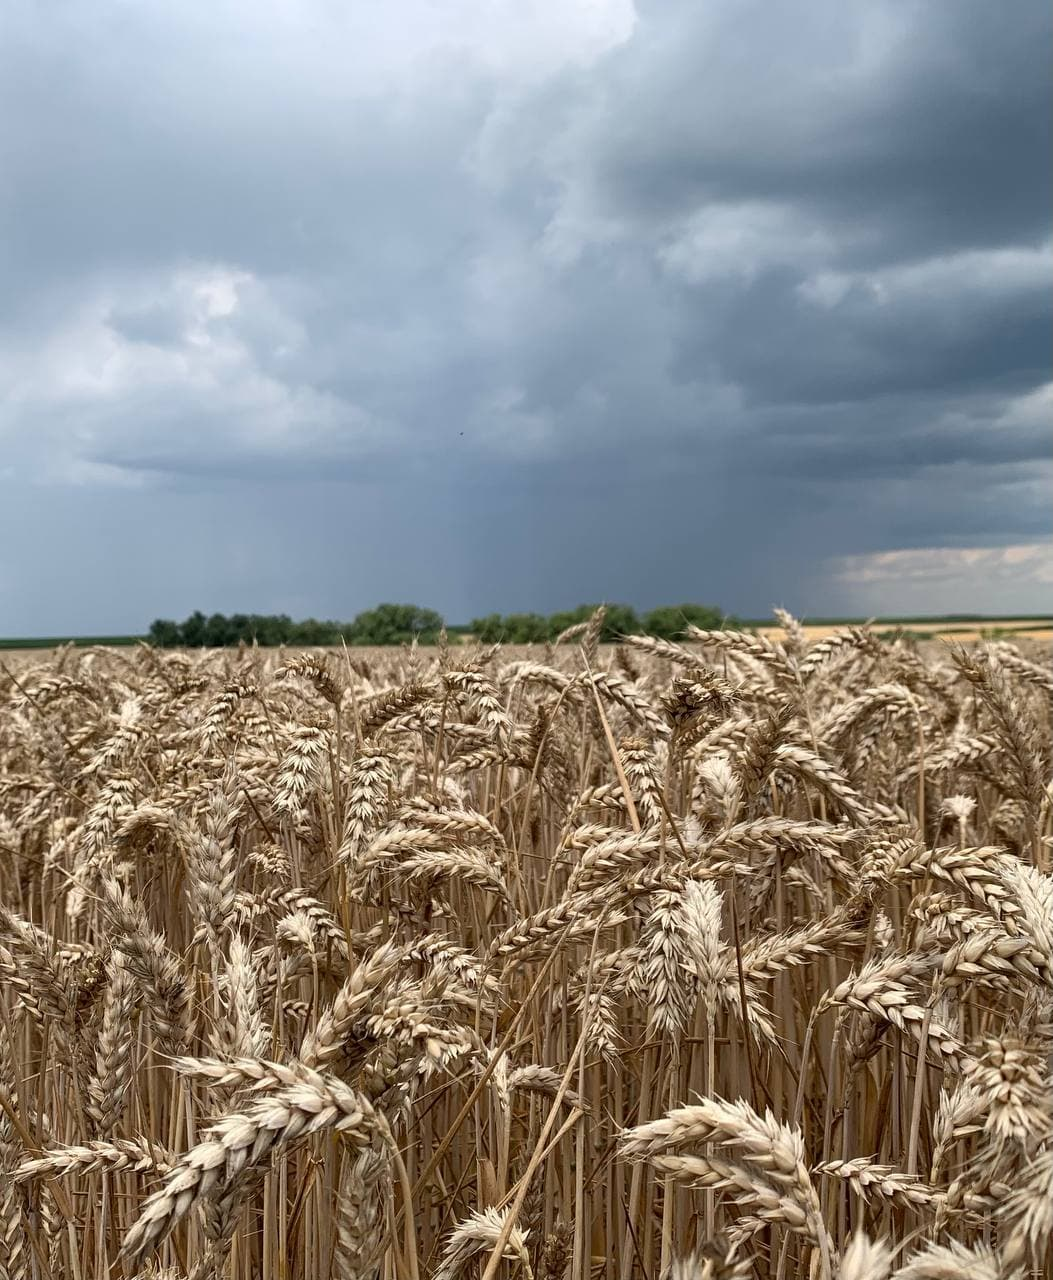 RAGT та Bayer підписали угоду щодо створення інноваційної селекційної програми гібридної пшениці